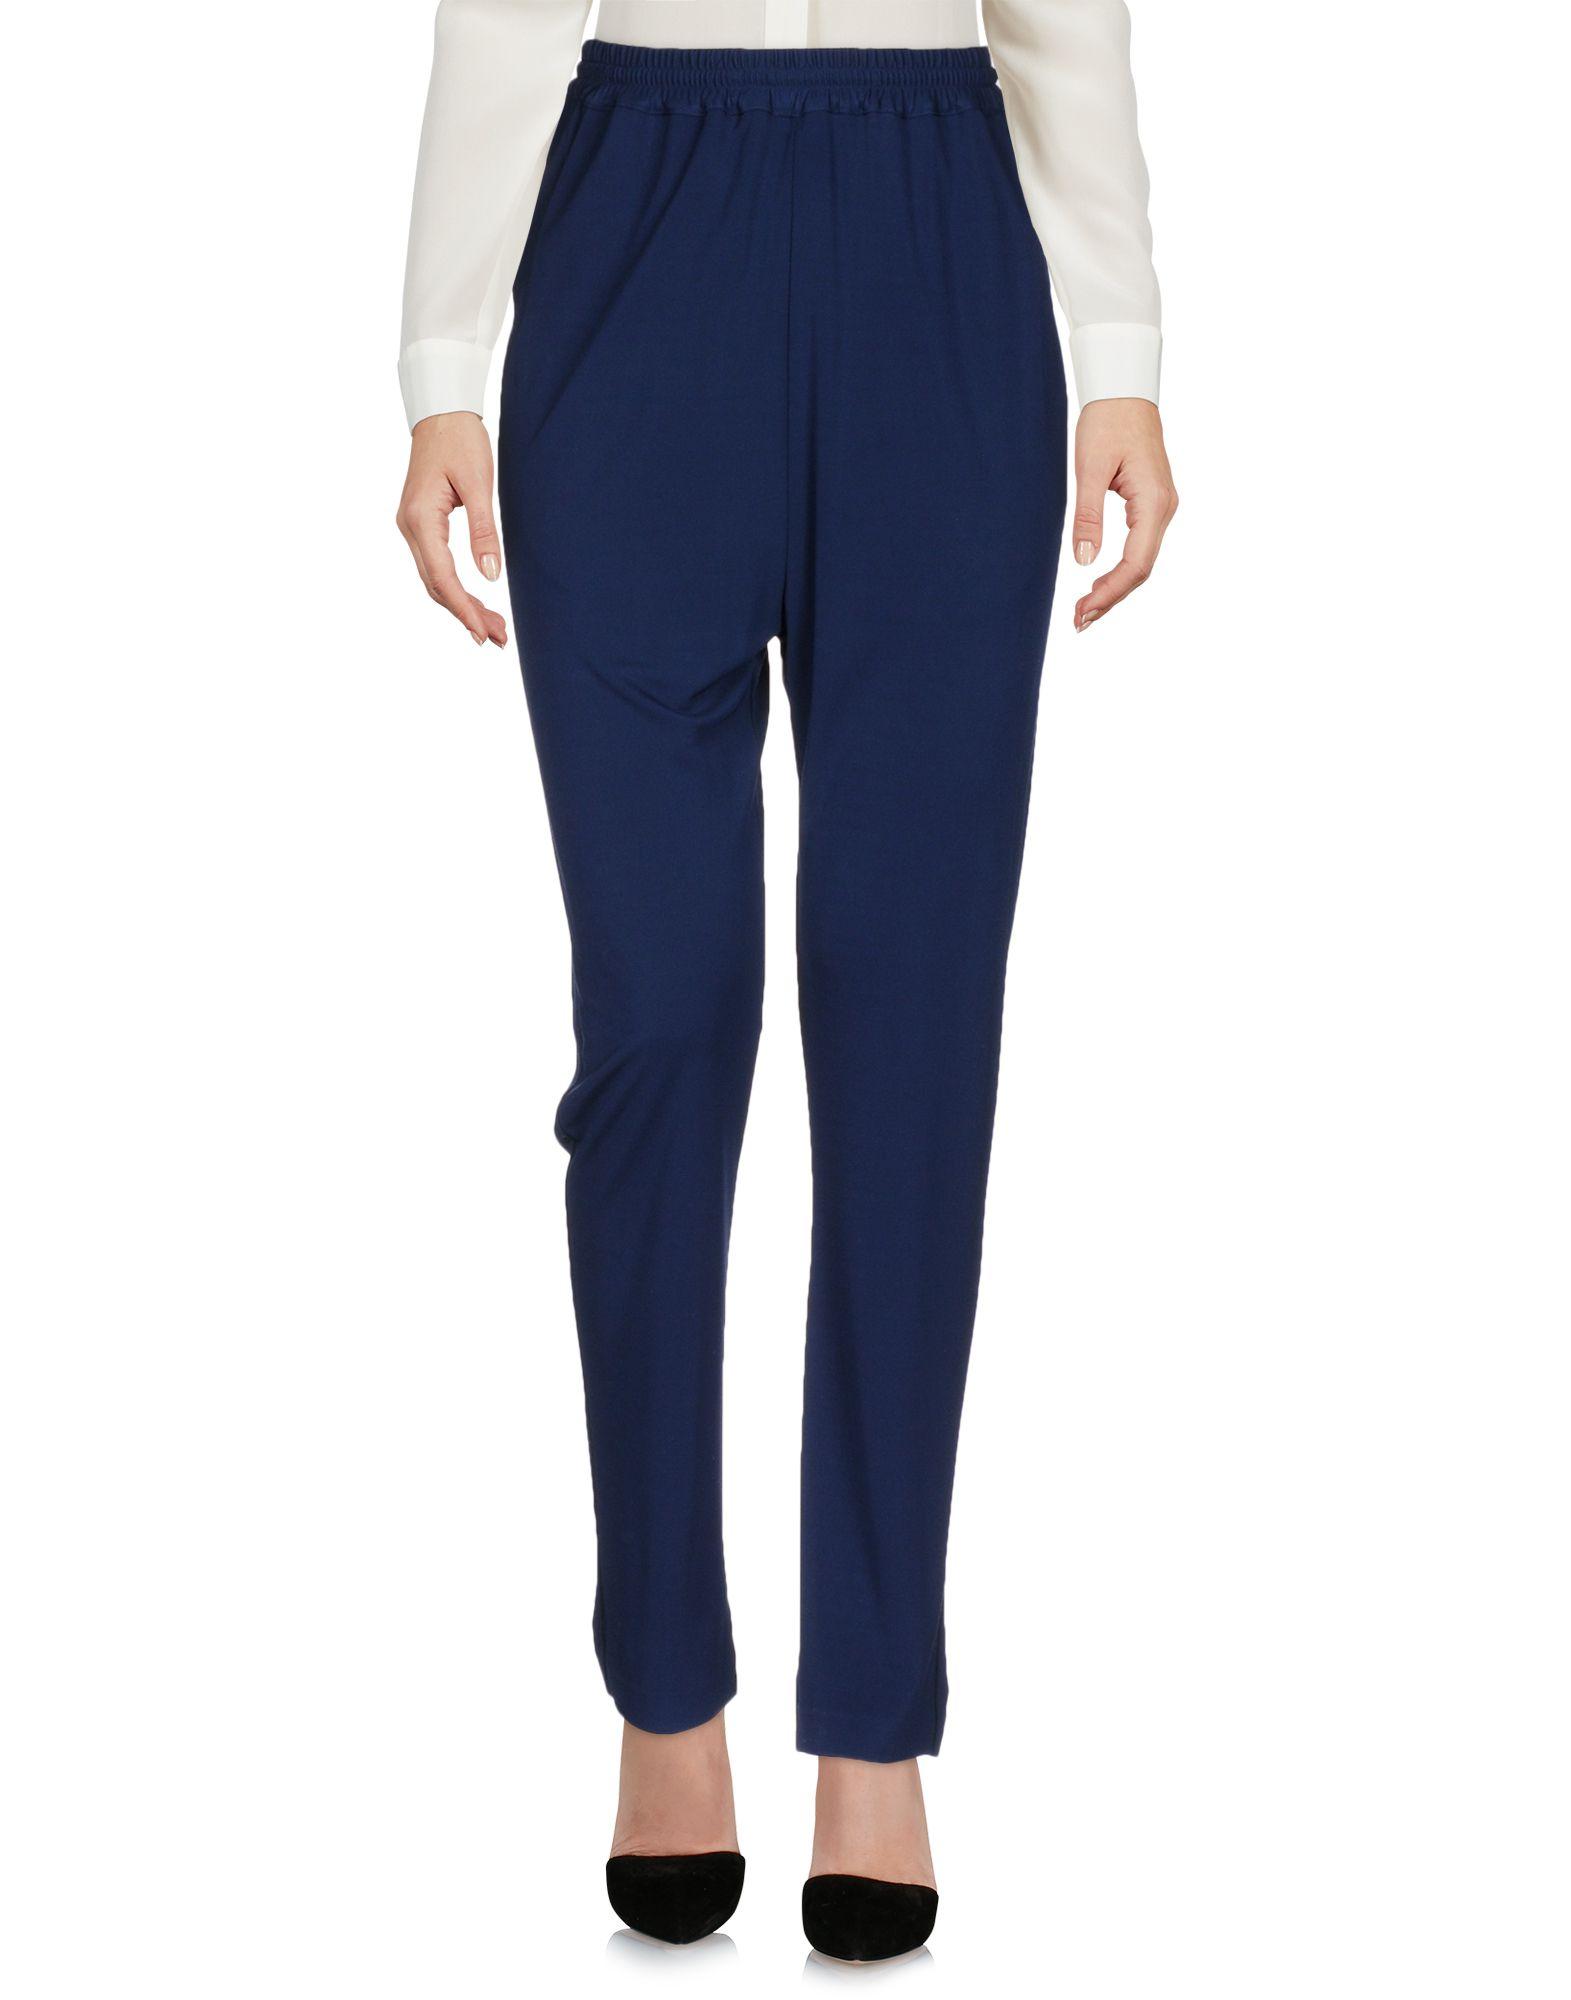 Pantalone Jil Sander Donna - Acquista online su HpmsB